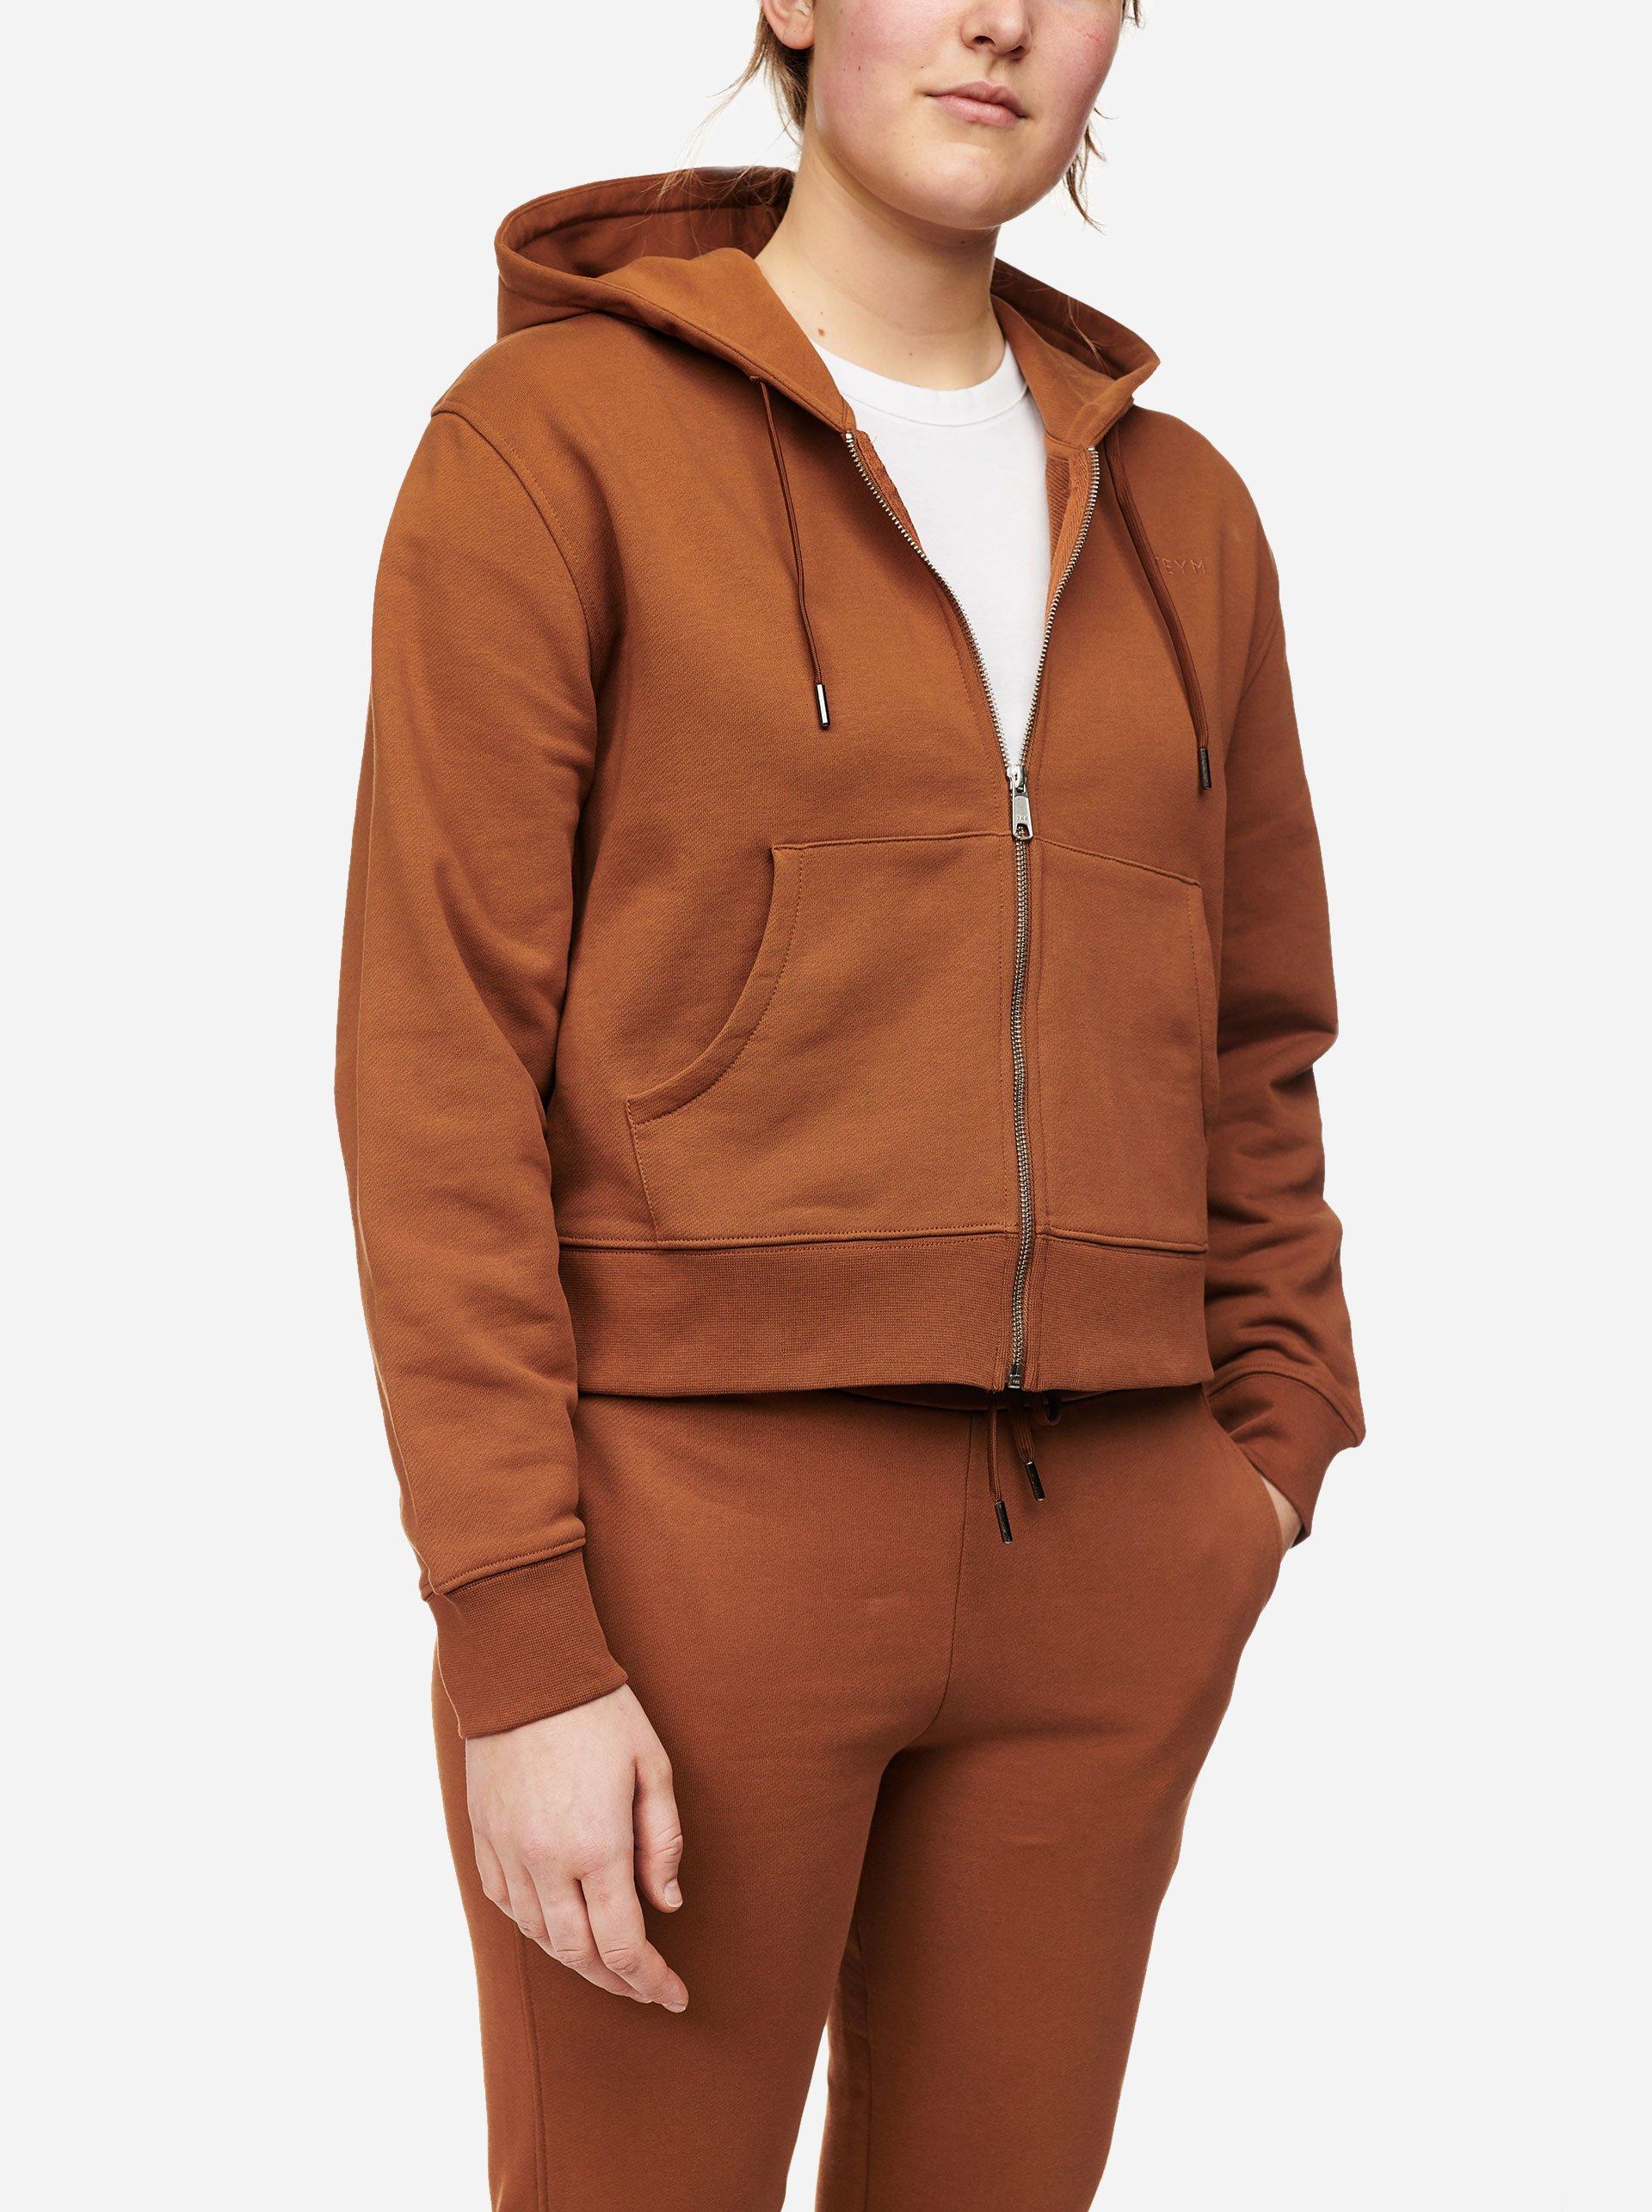 Teym_-_Size_Guide_-_Sweatshirt_-_Women_-_2